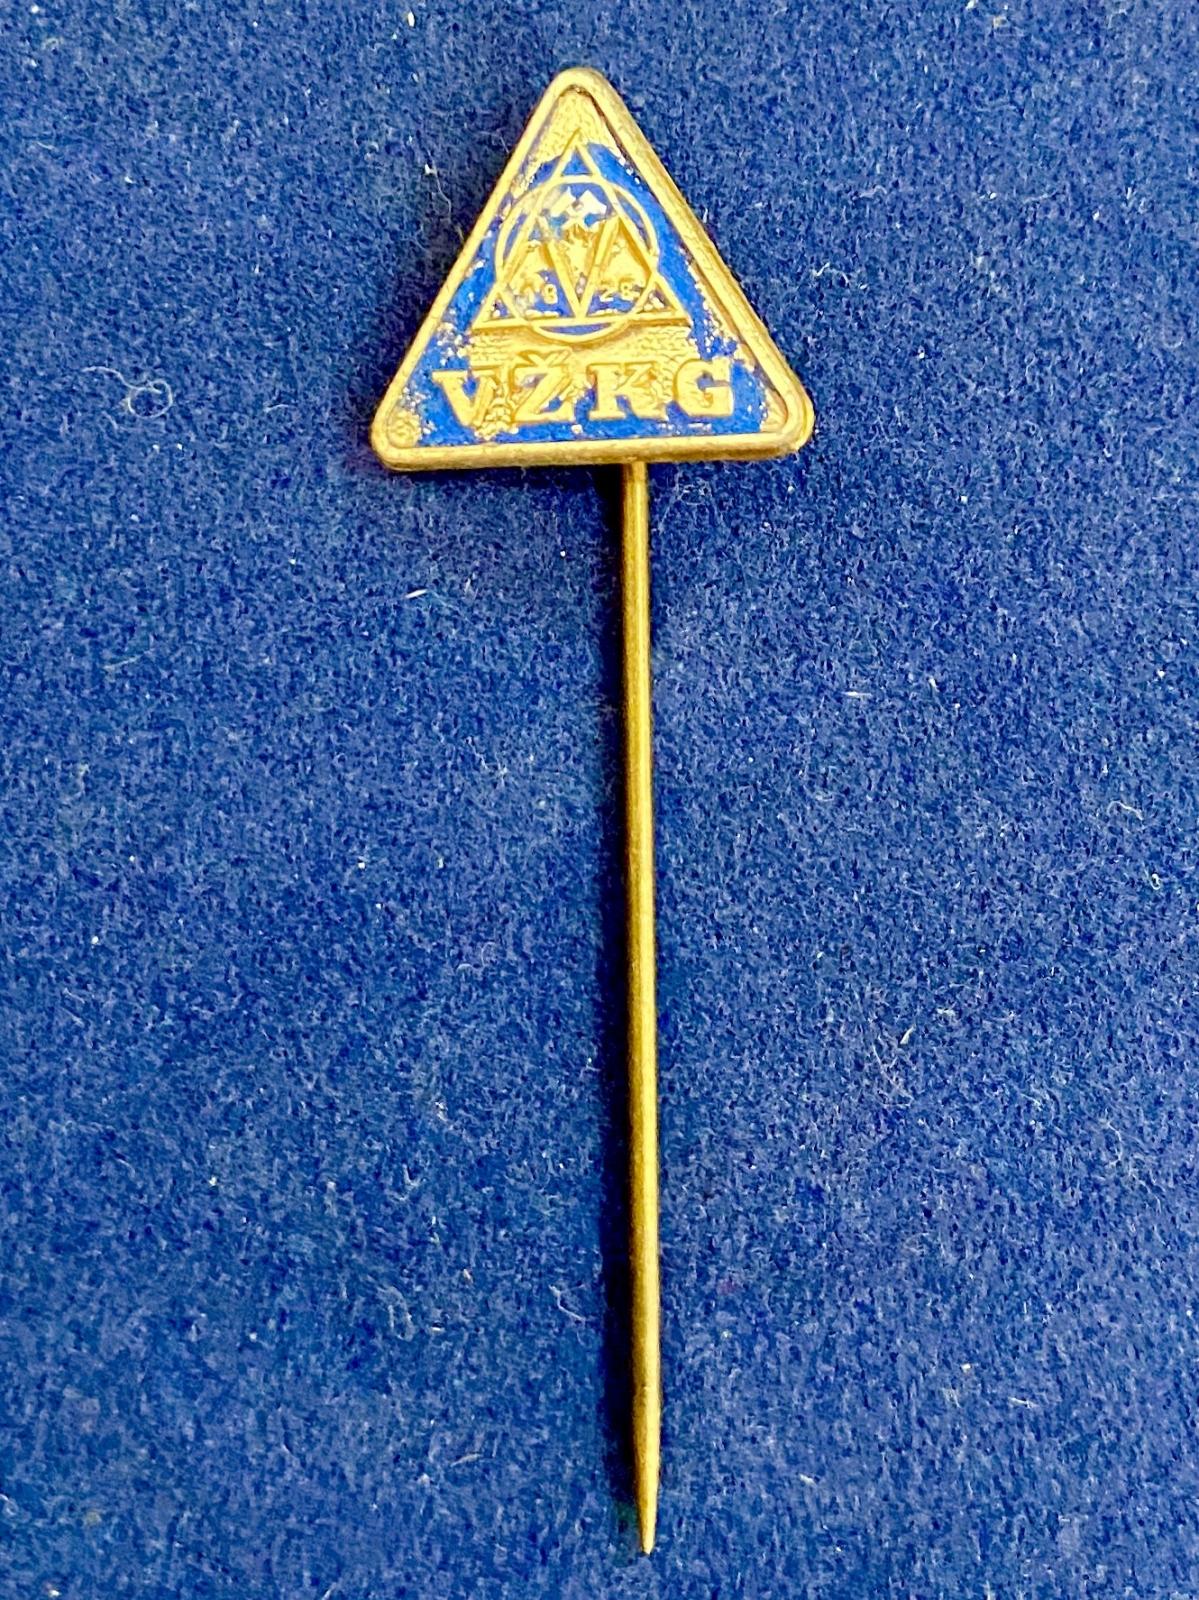 Значок на иголке VZKC